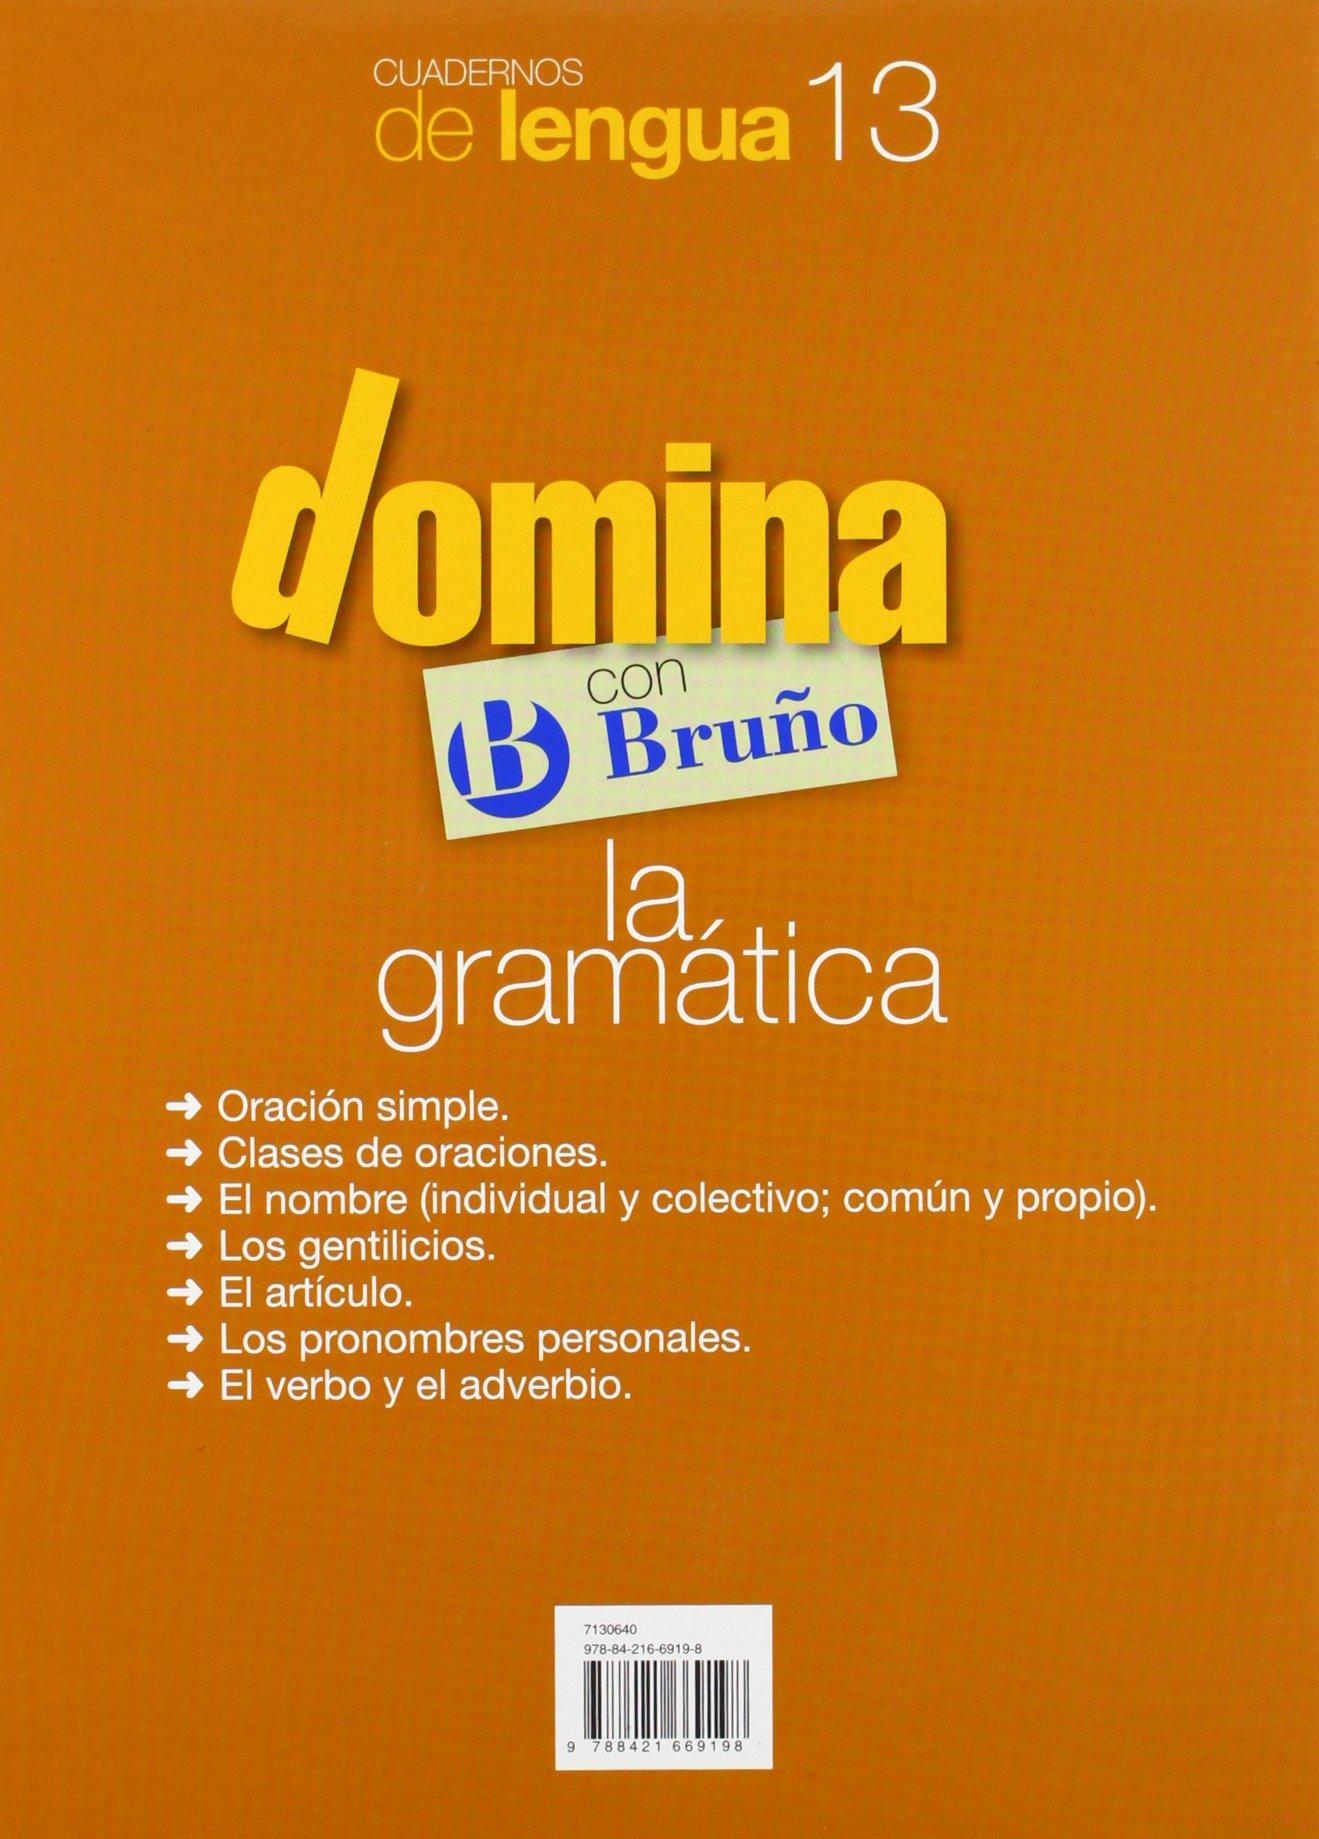 Cuadernos Domina Lengua 13 Gramática 4 Castellano - Material Complementario - Cuadernos De Lengua Primaria - 9788421669198: Amazon.es: Juan Cruz Martínez: ...